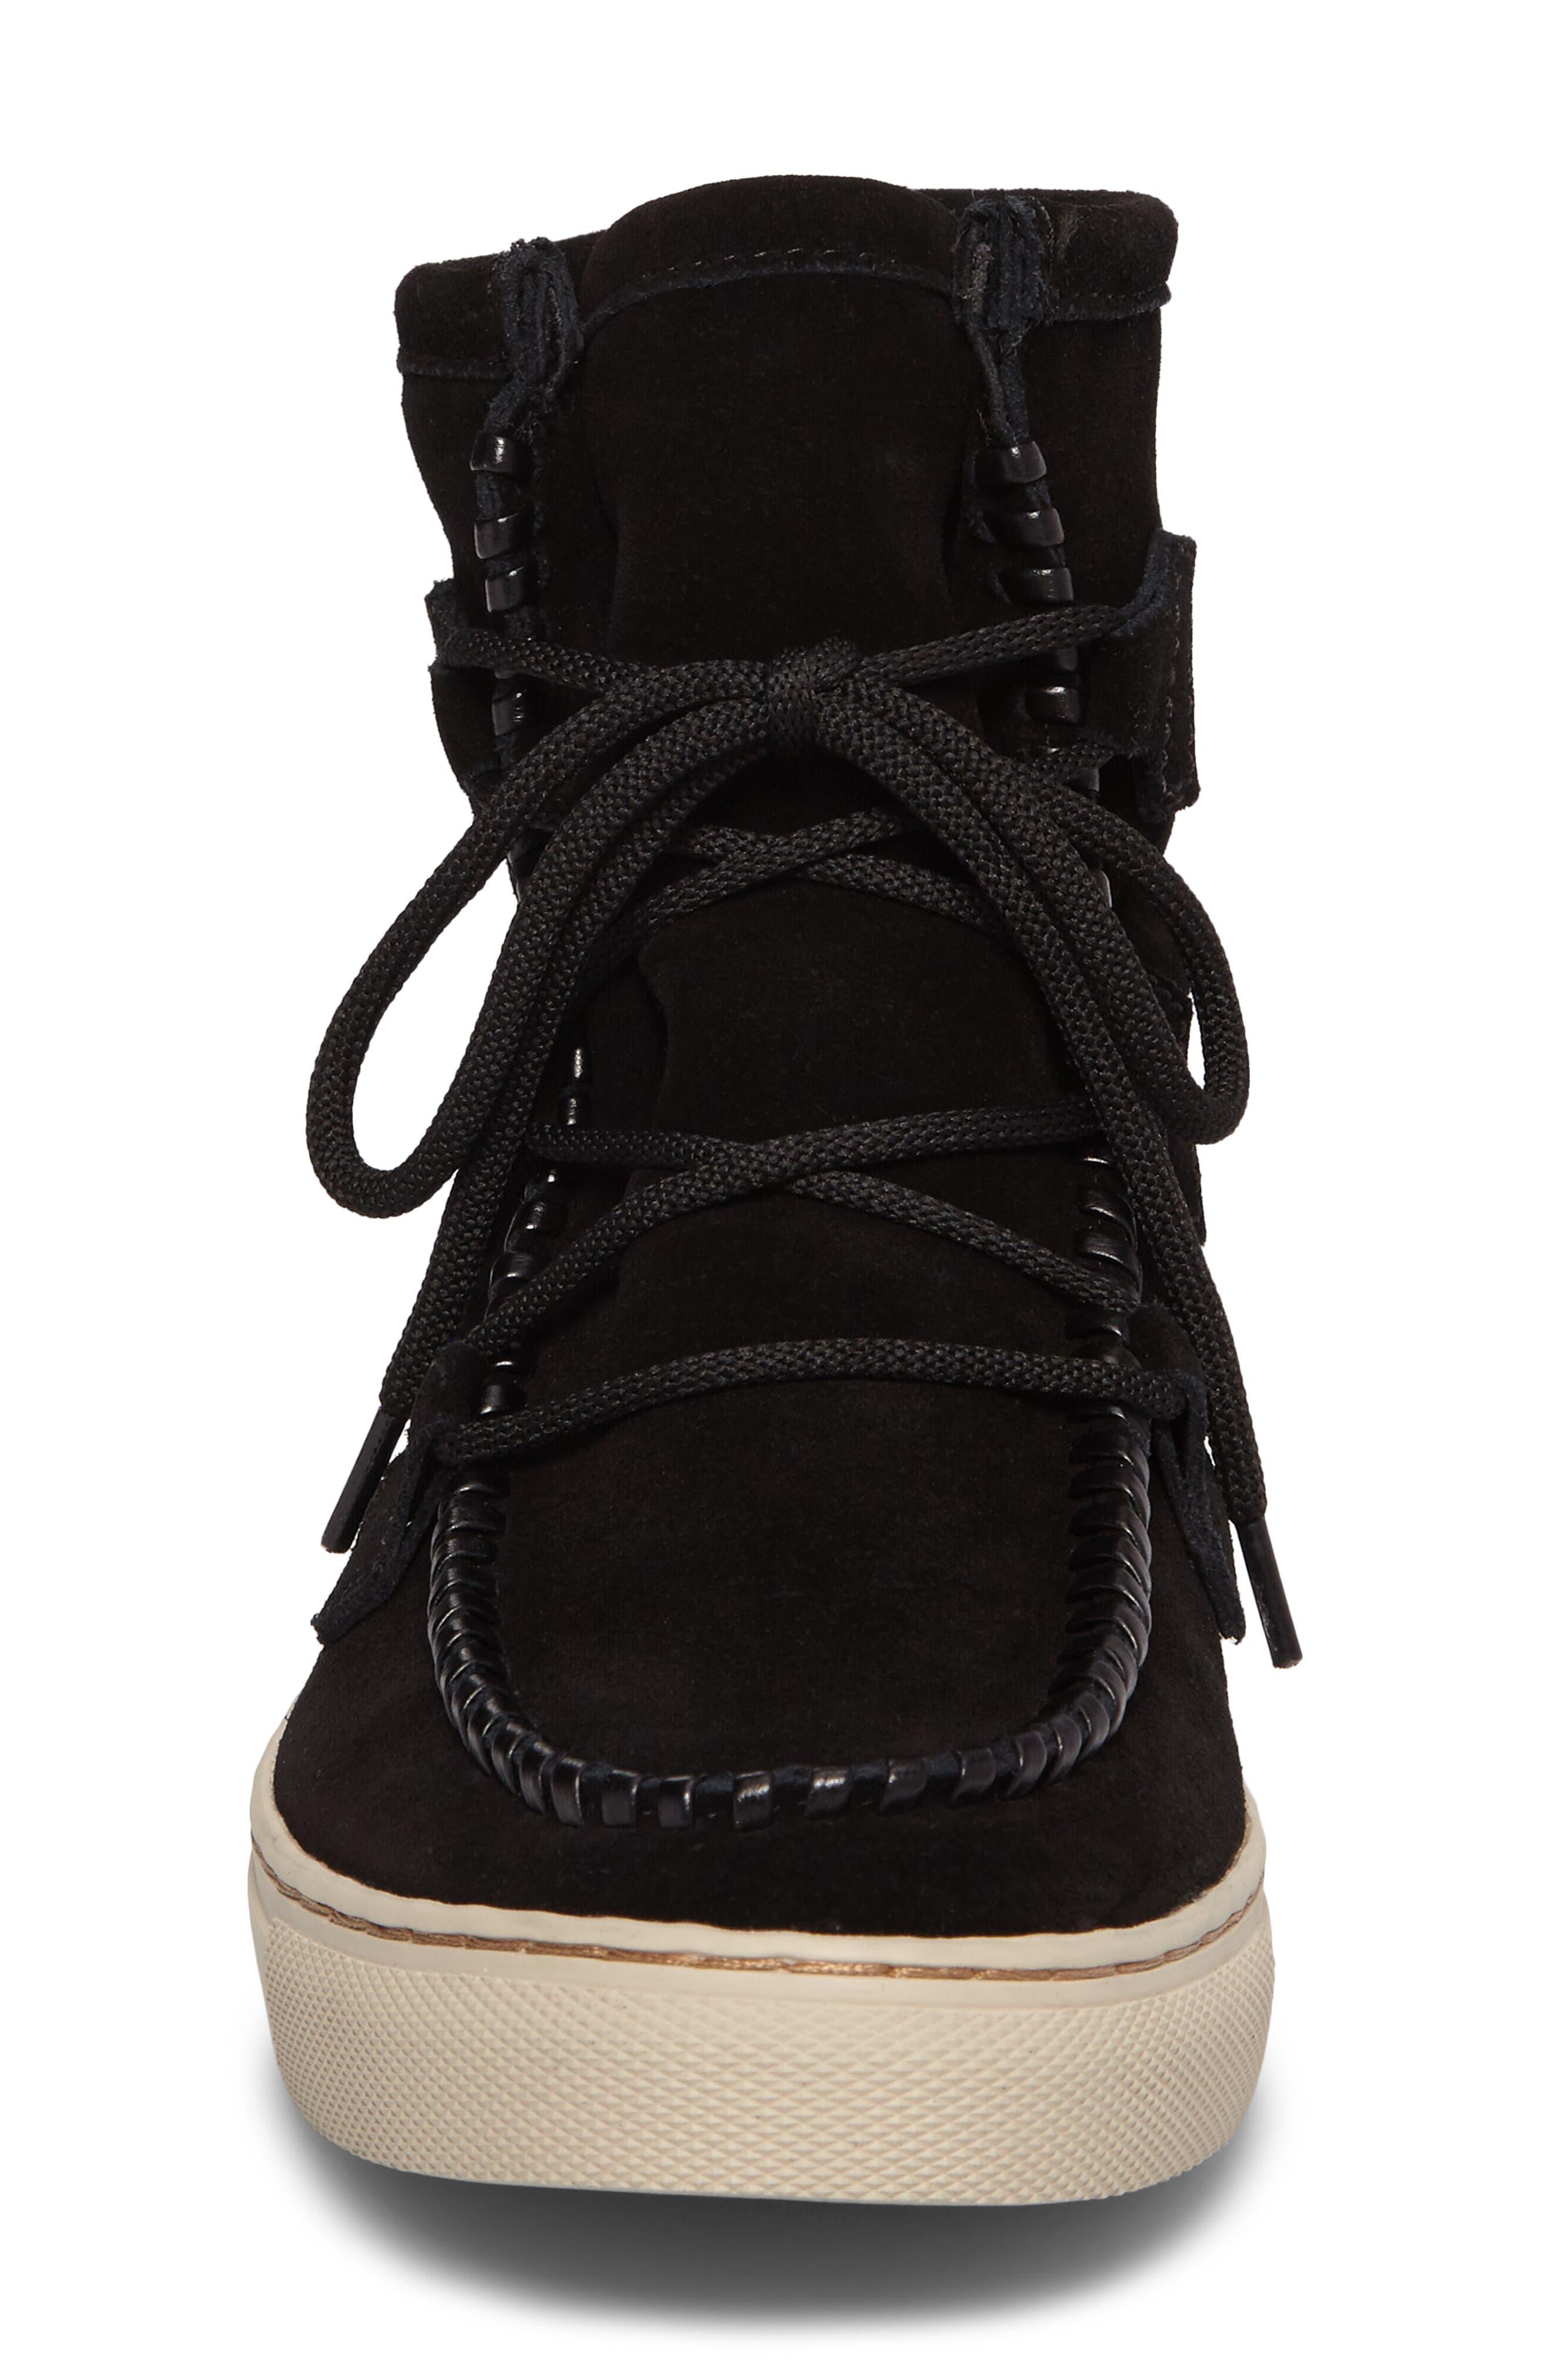 Fabiola Waterproof High Top Sneaker,                             Alternate thumbnail 4, color,                             BLACK SUEDE